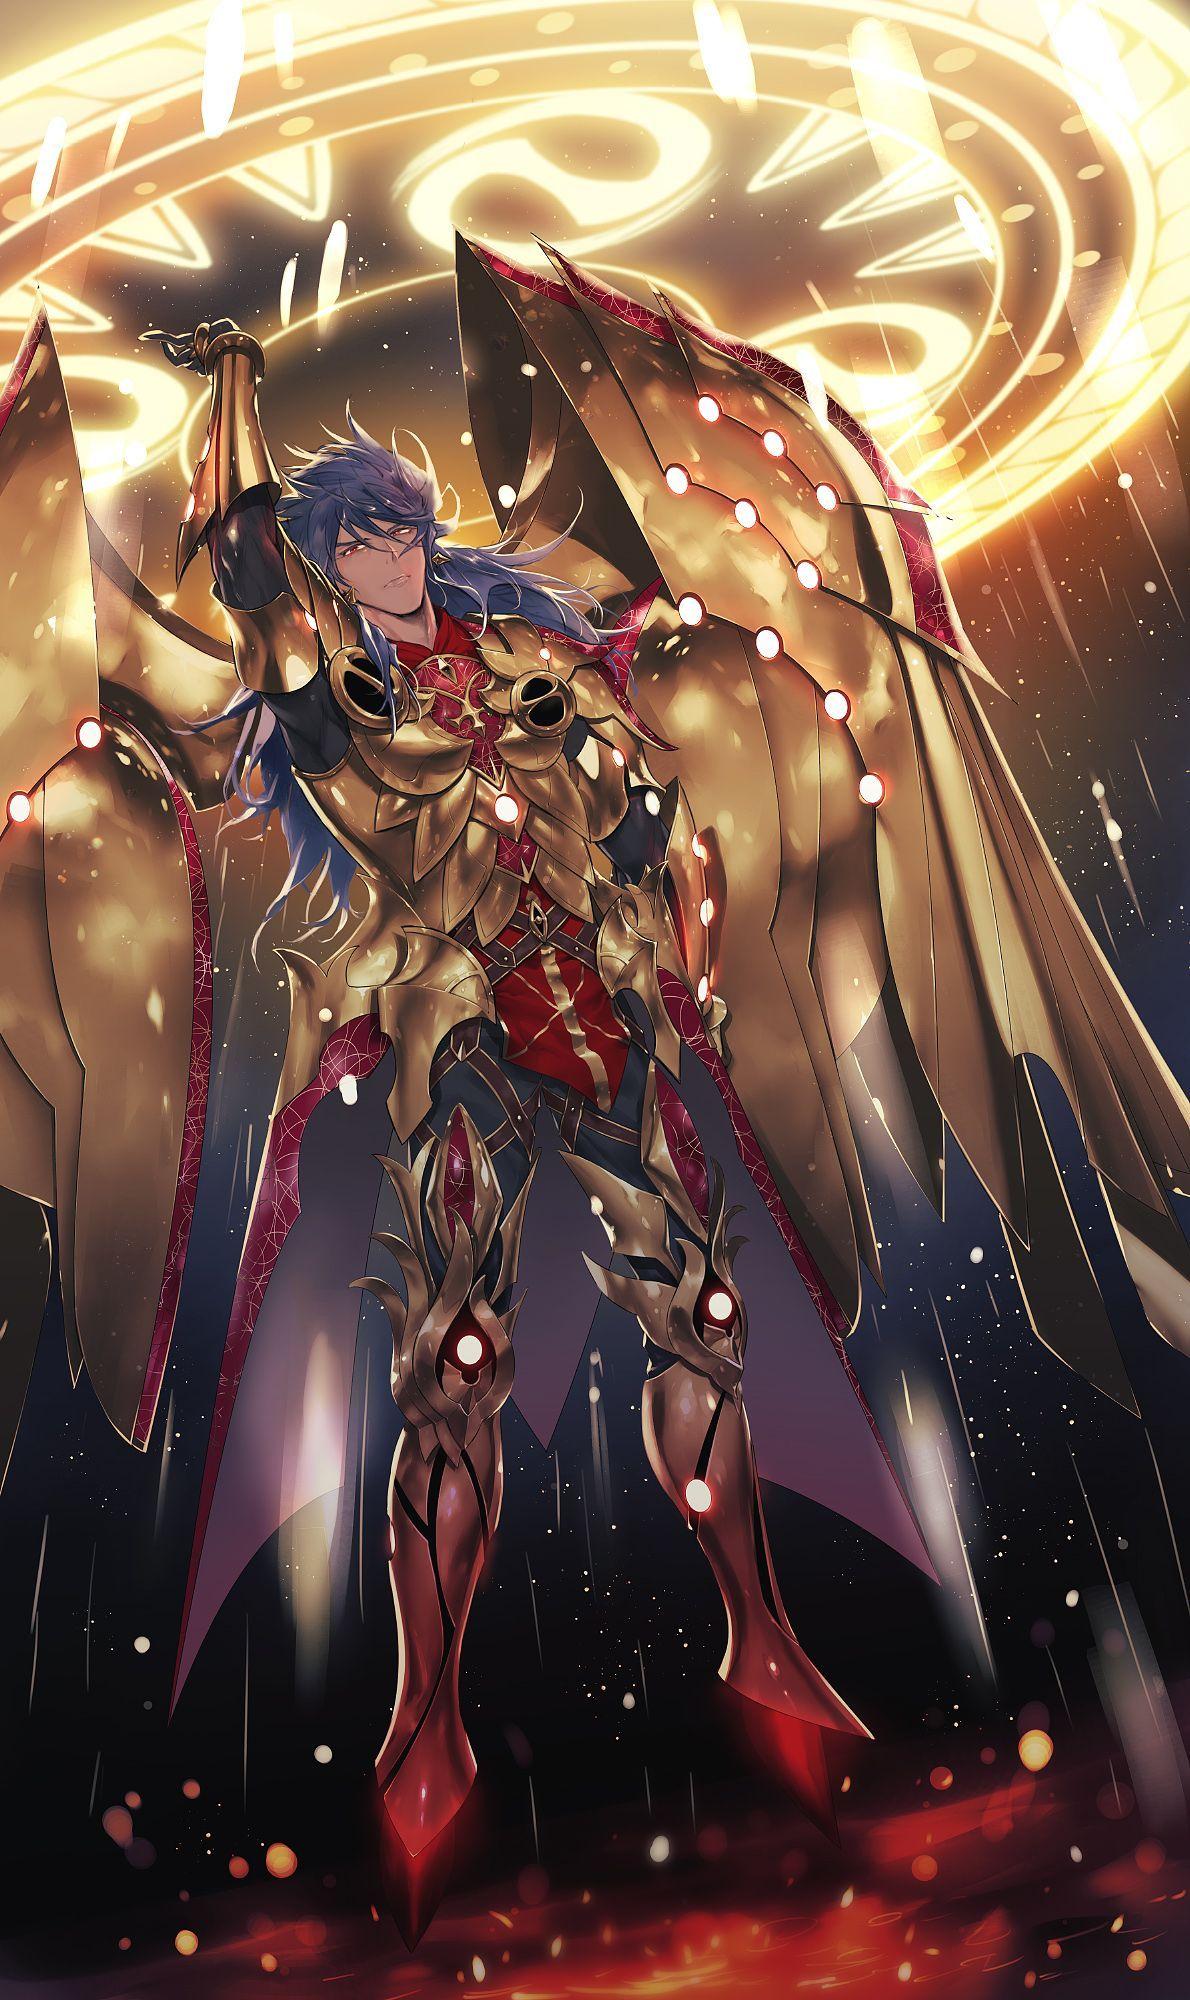 蝉 on Twitter in 2020 Gilgamesh fate, Fate stay night